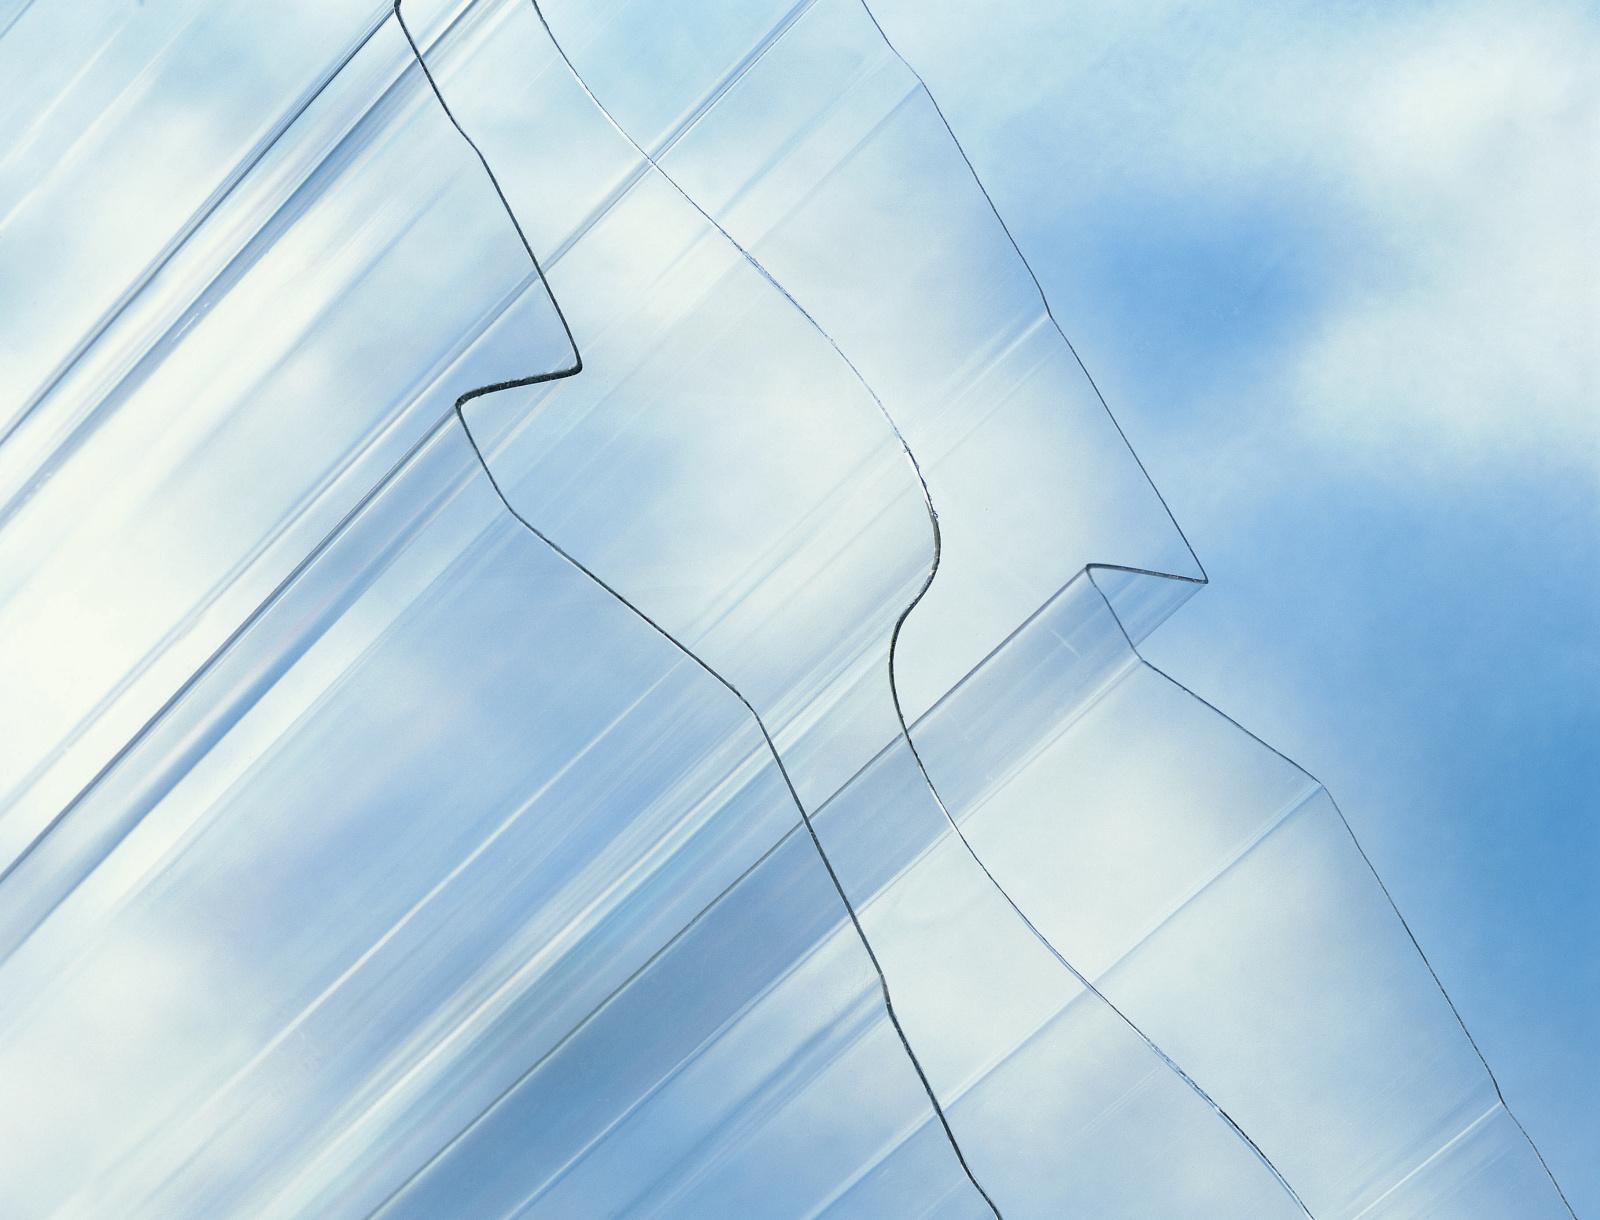 trapézový polykarbonát Suntuf CS TR 207/32 síla 1,0 mm čirý 1,127x6m